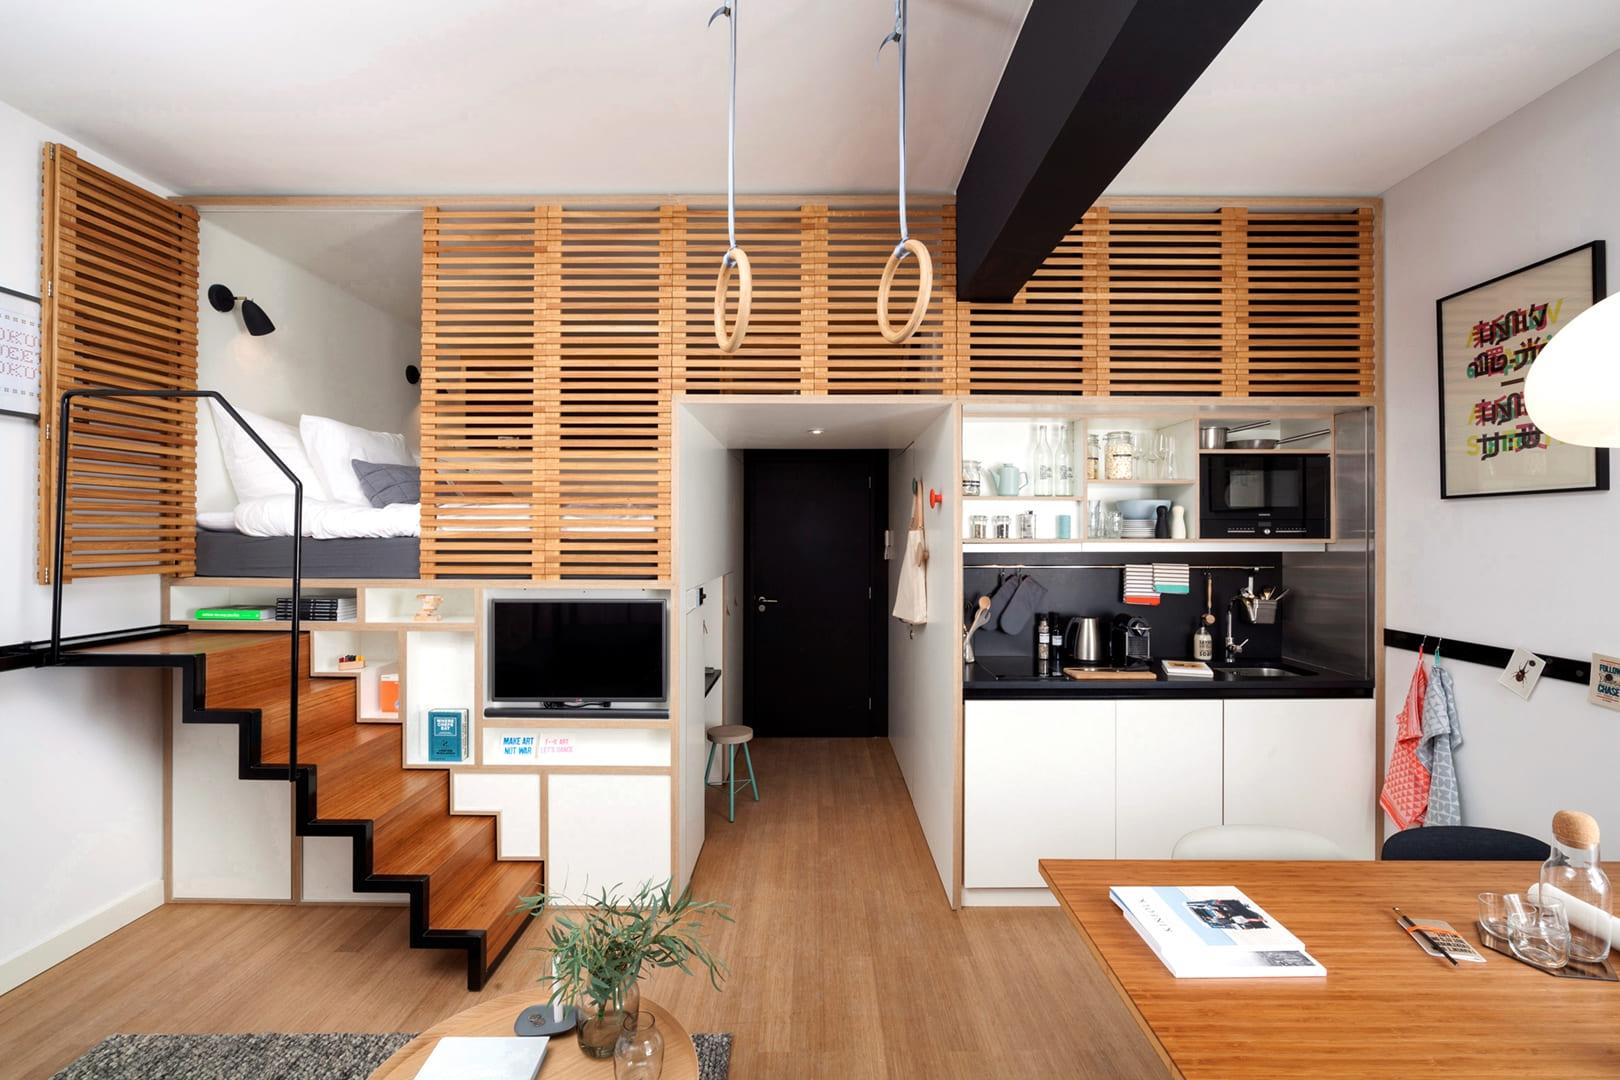 кровать на втором ярусе в кухне-спальне